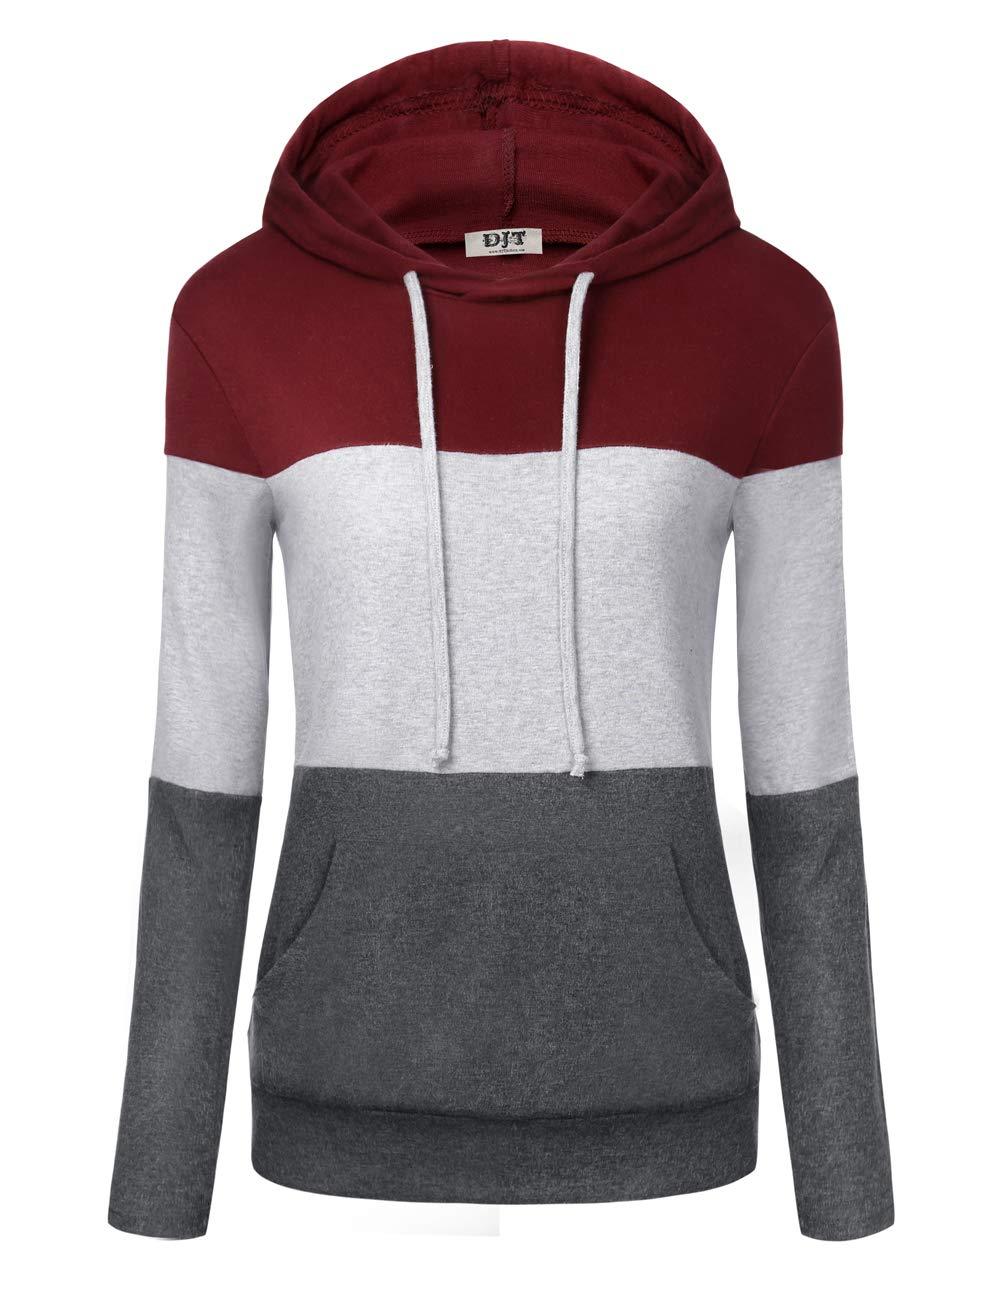 DJT Women's Colorblock Lightweight Long Sleeve Hoodies Pullover Sweatshirts Tops